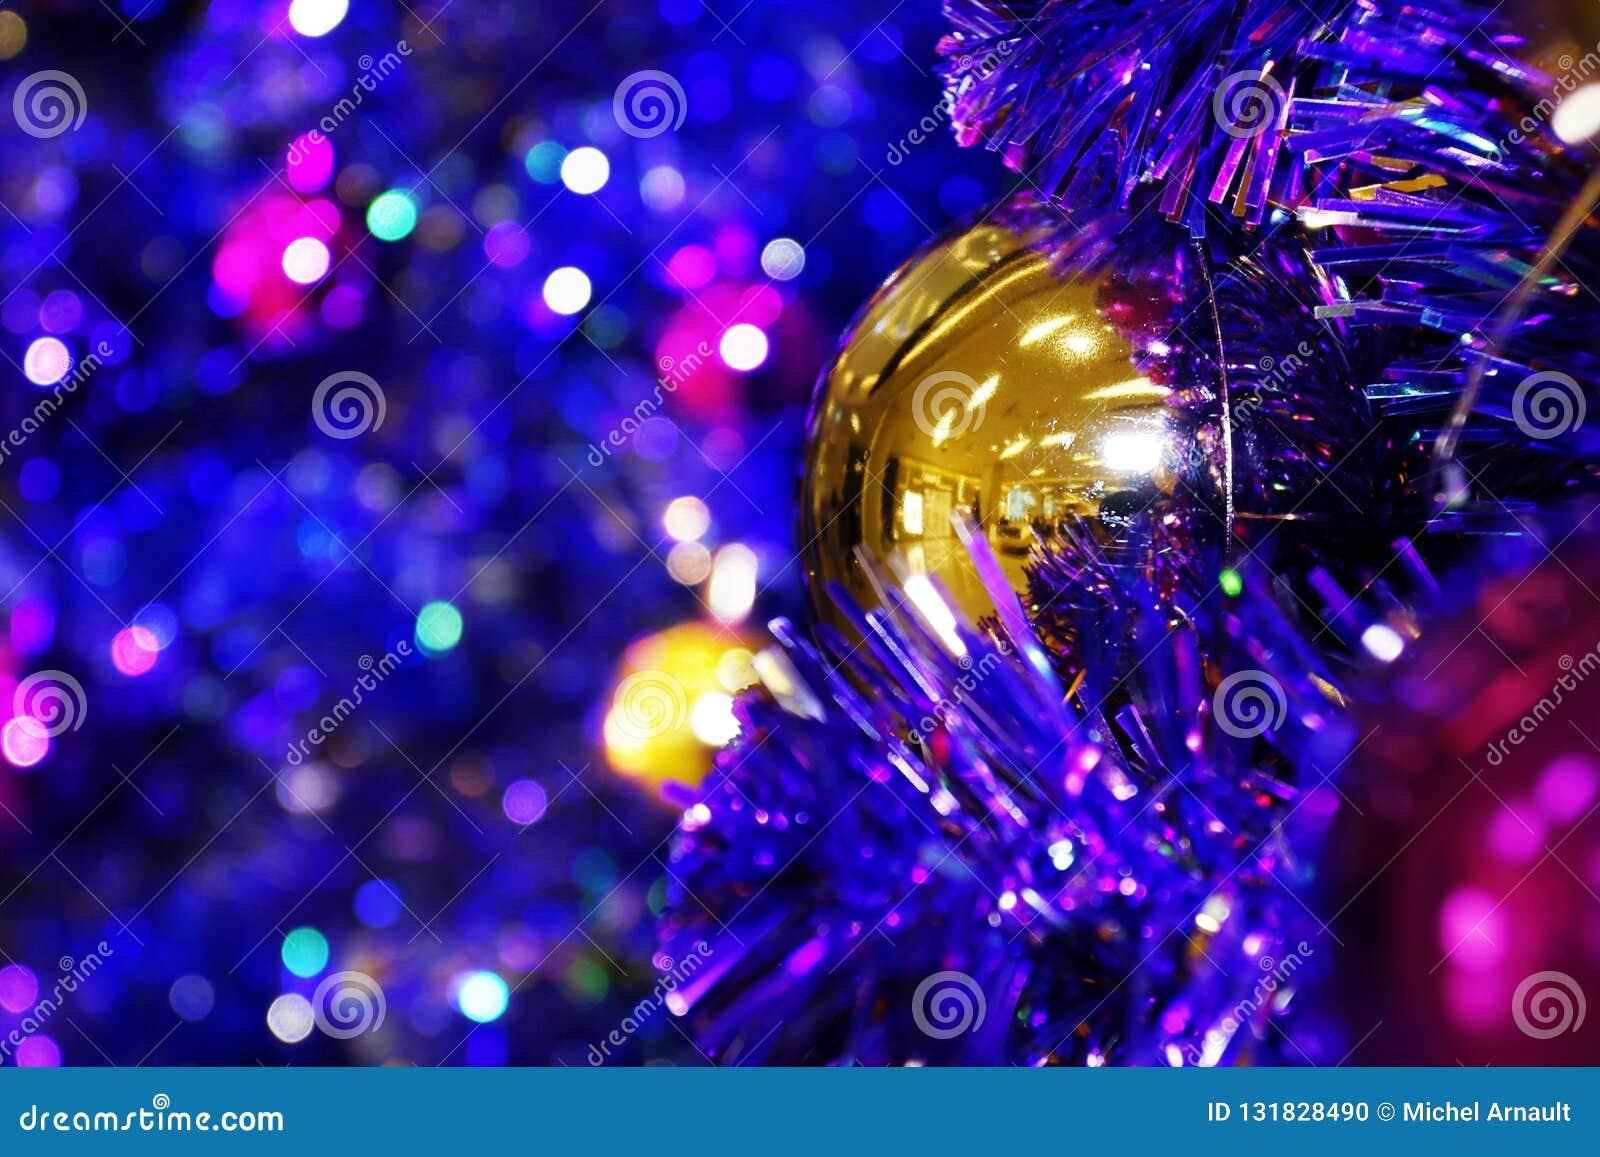 Christmas drzewodekoracja, nowego roku świętowanie